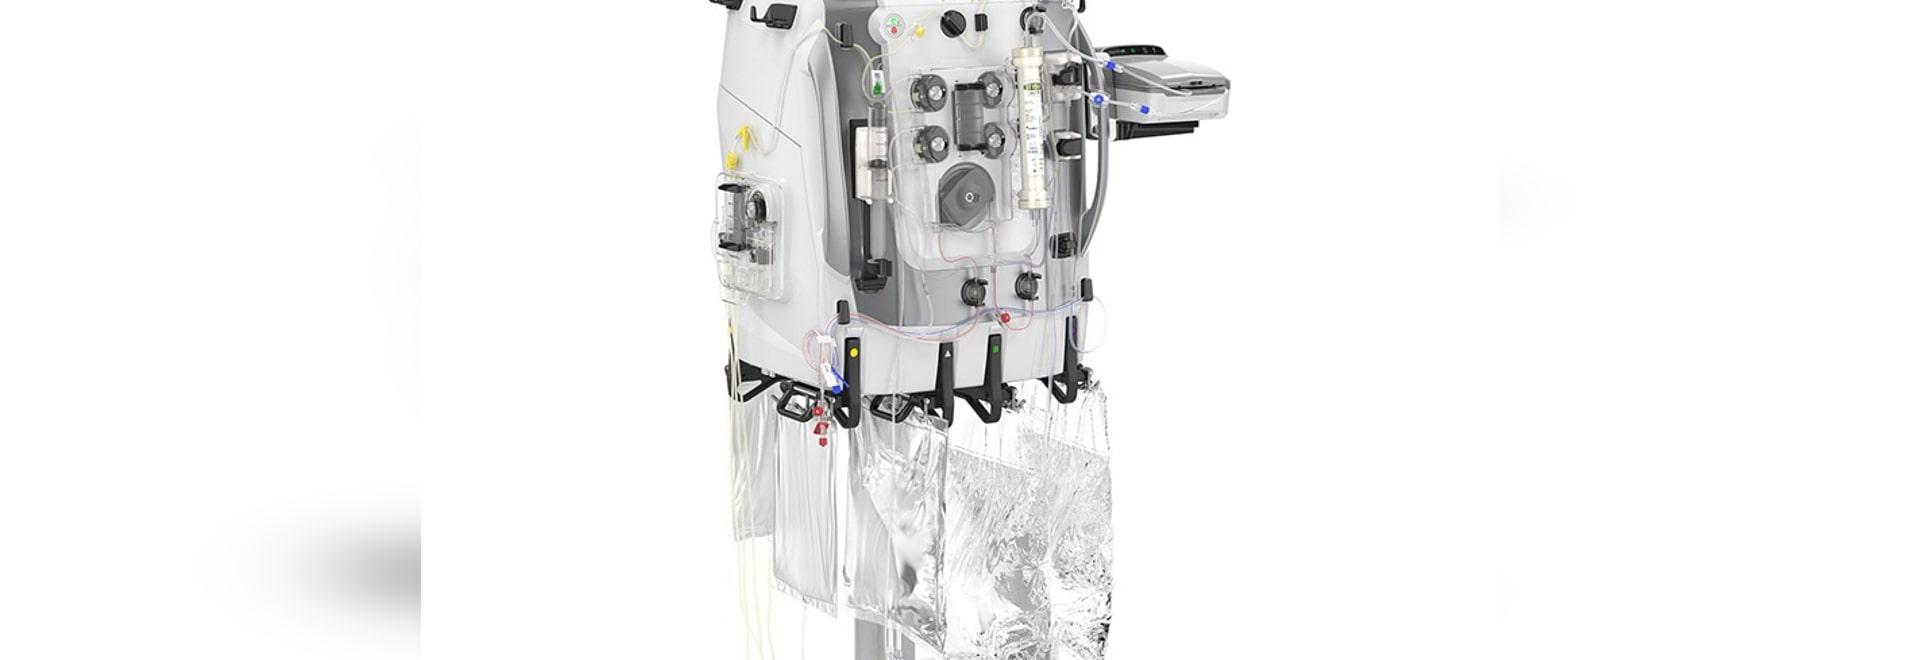 Remplacement rénal de PrixMax de Baxter et système de support d'organe dégagé en Europe